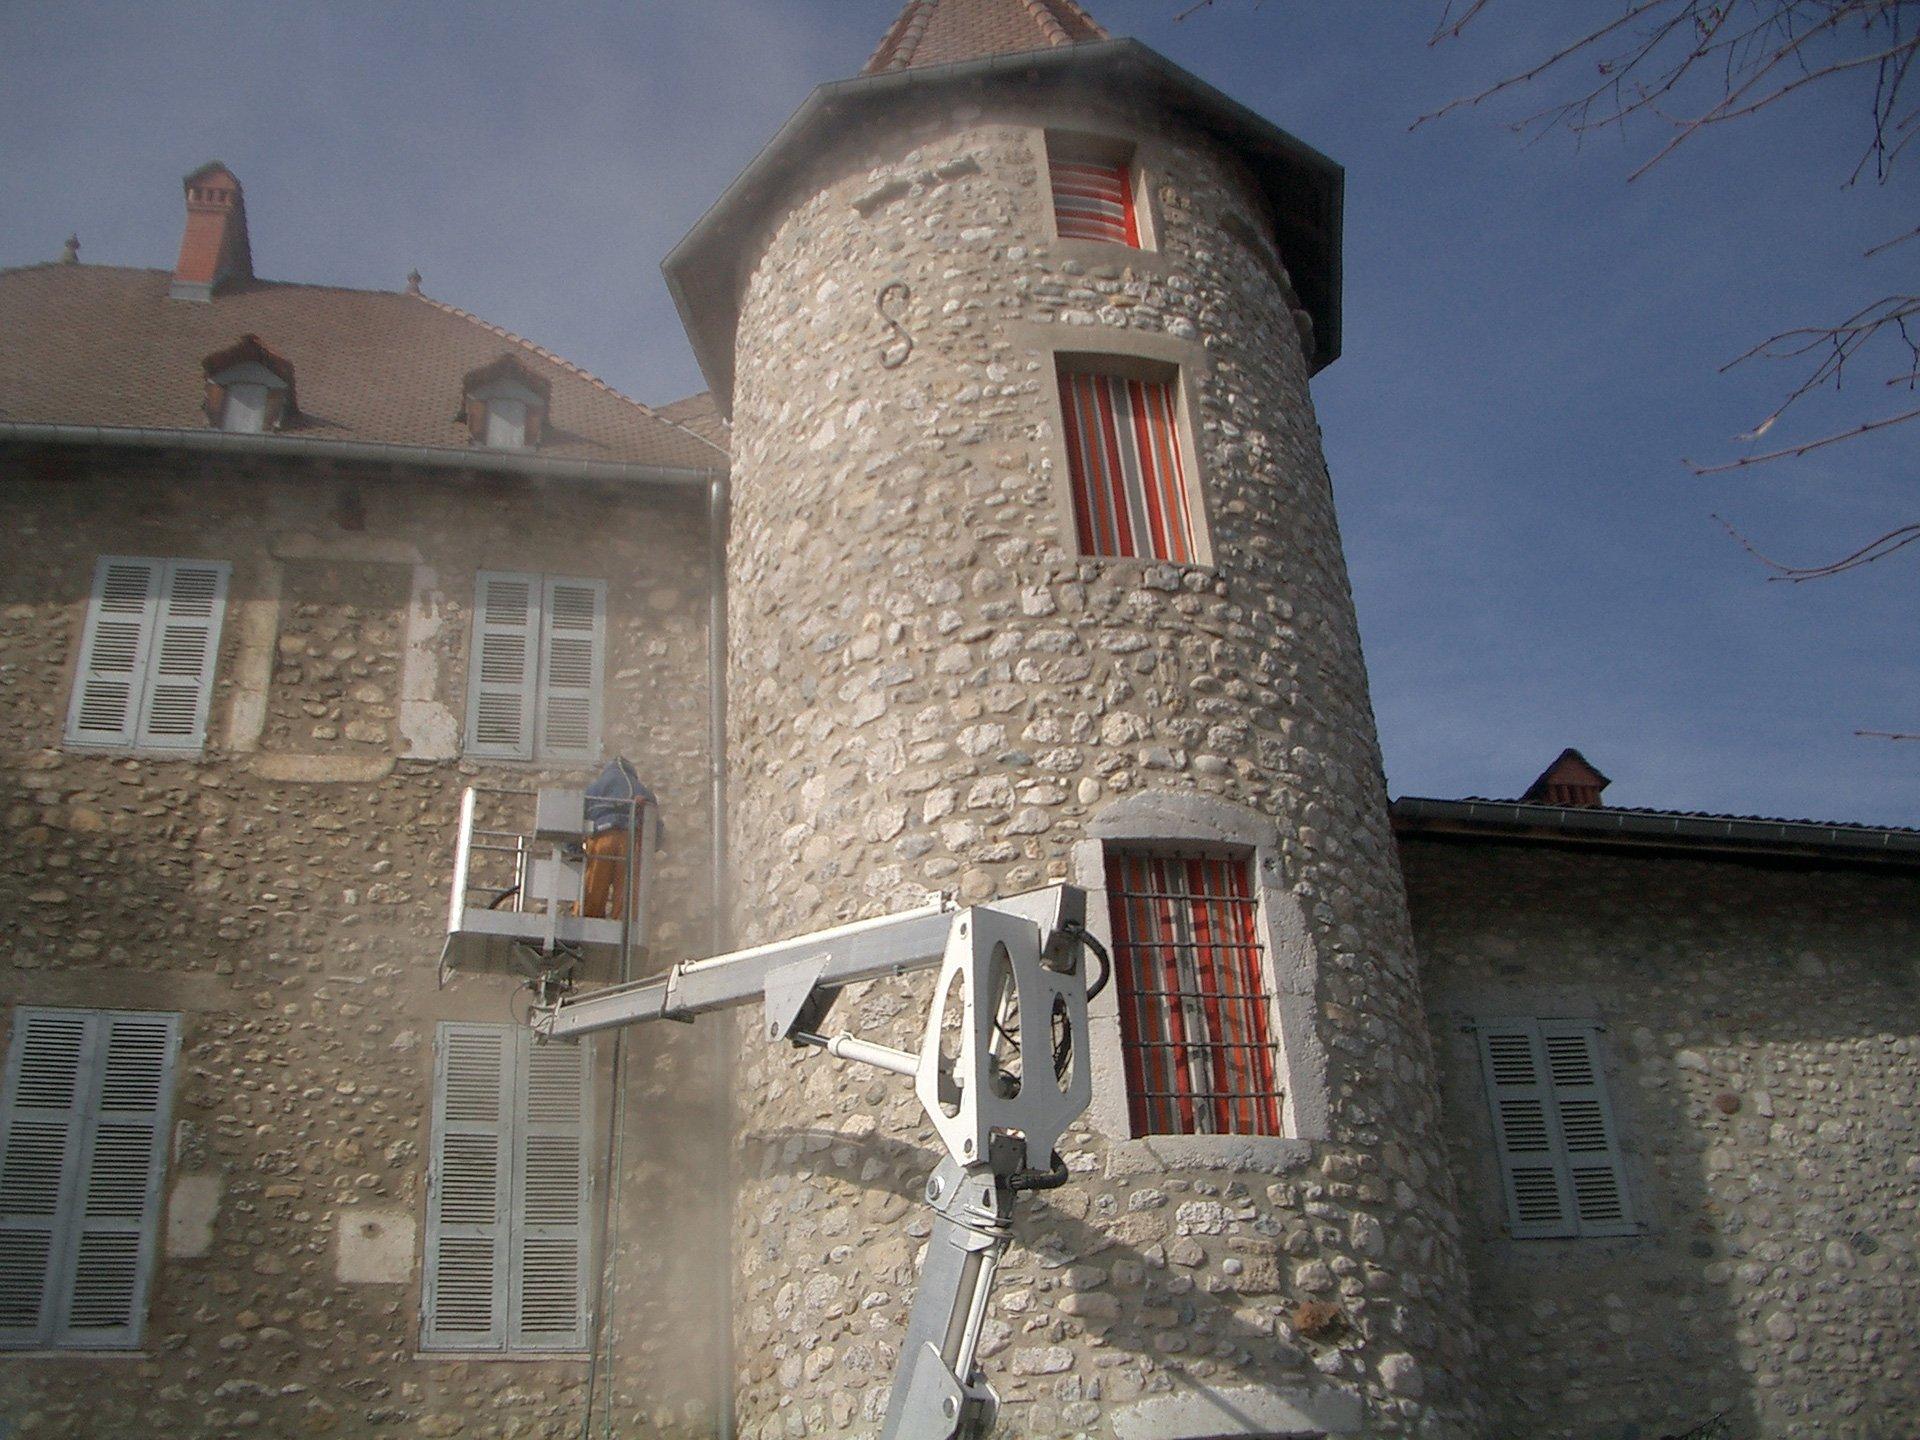 Rénovation d'un monument historique par hydrogommage